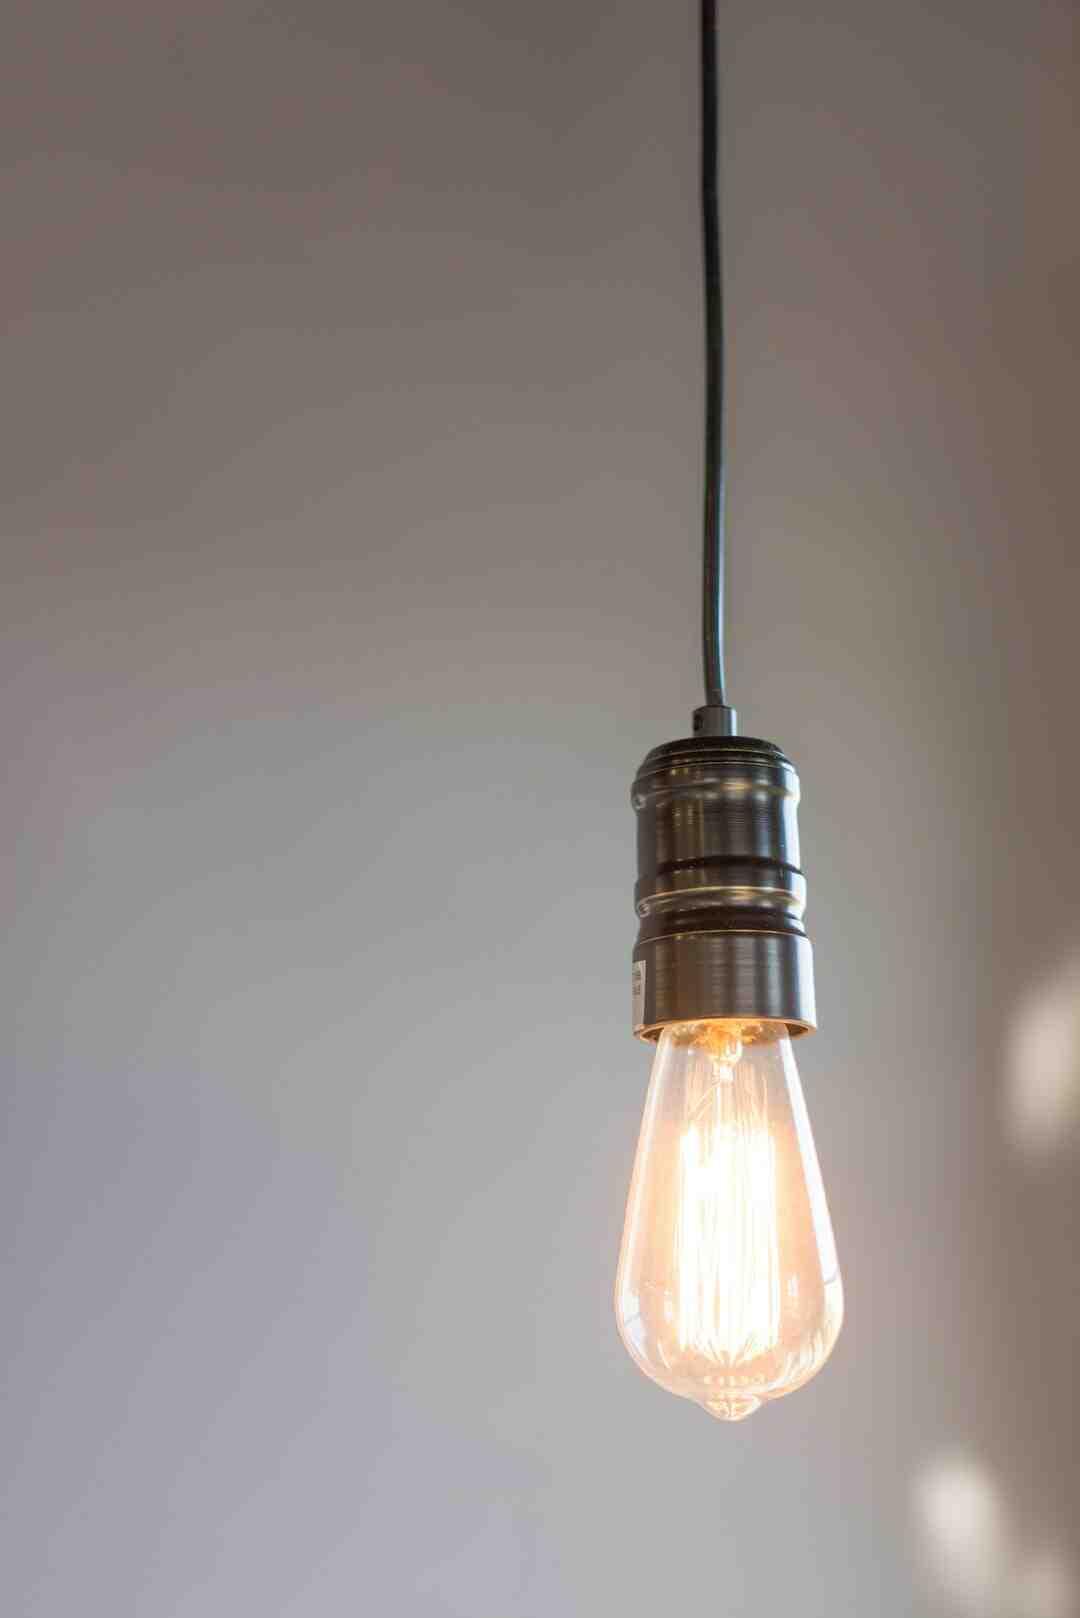 Comment changer ampoule plafonnier globe ?